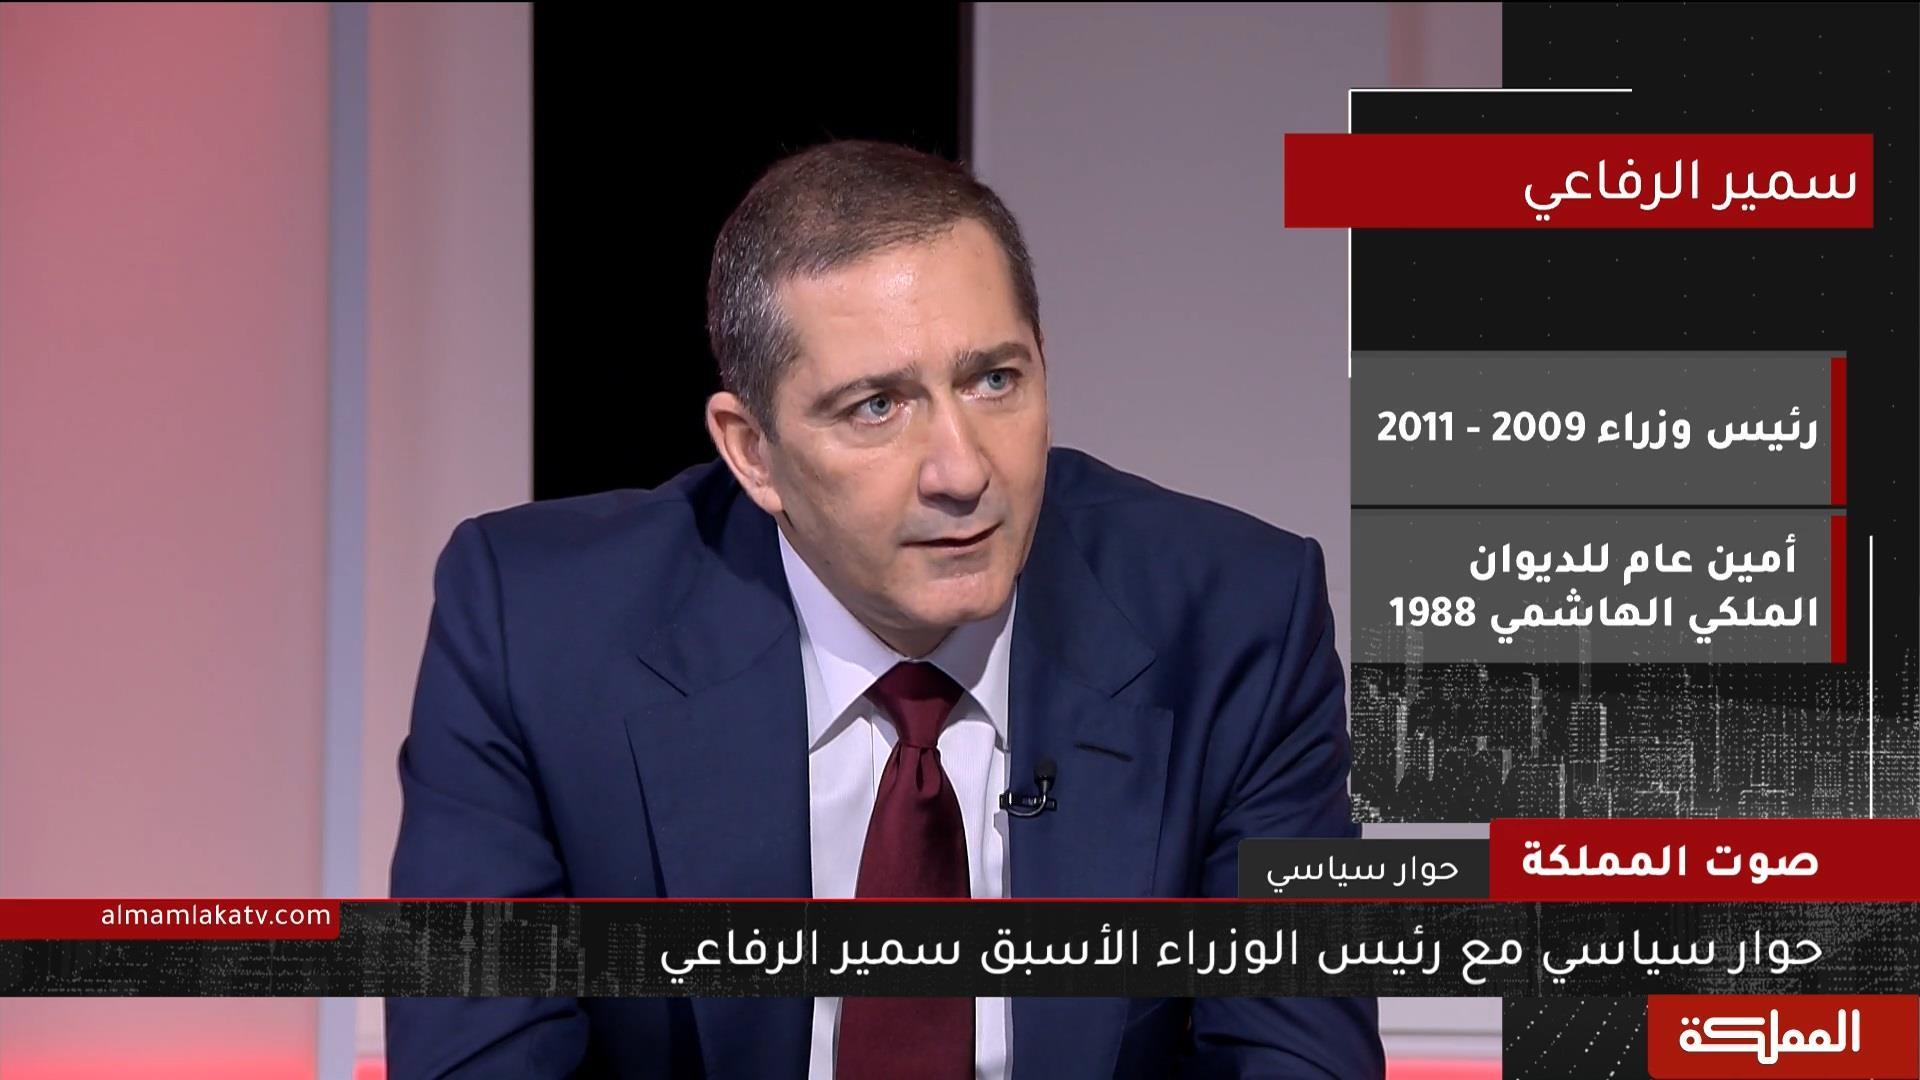 صوت المملكة | حوار سياسي ... مع رئيس الوزراء الأسبق سمير الرفاعي